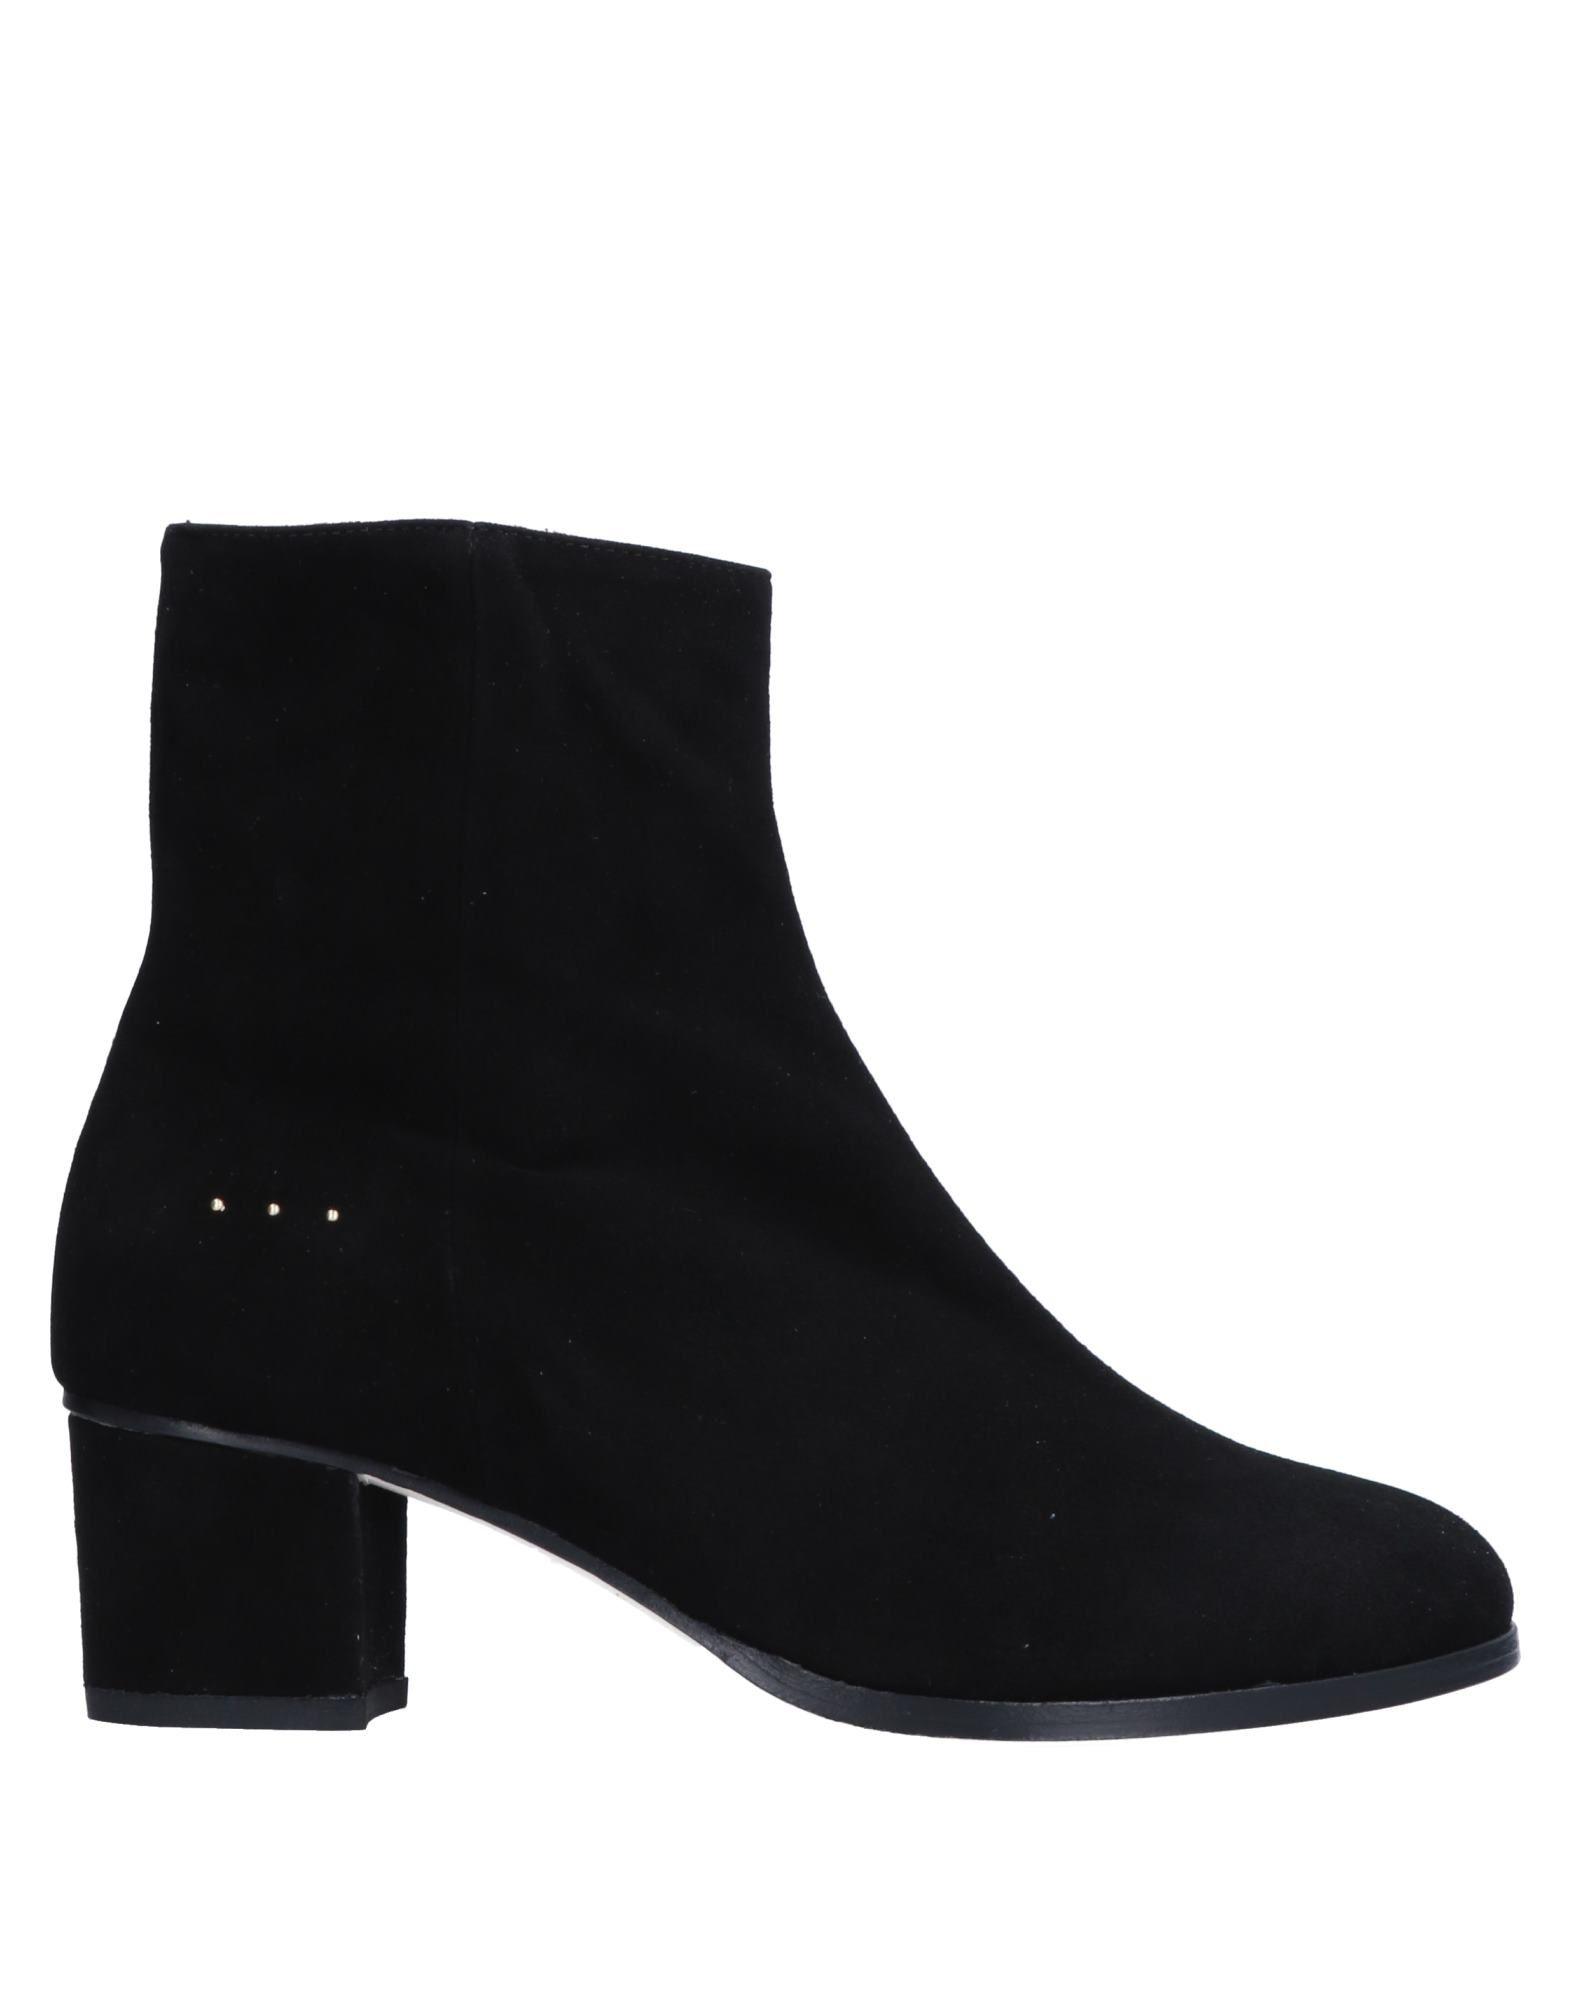 Sneakers Asfvlt Uomo - 11340078SD Scarpe economiche e buone